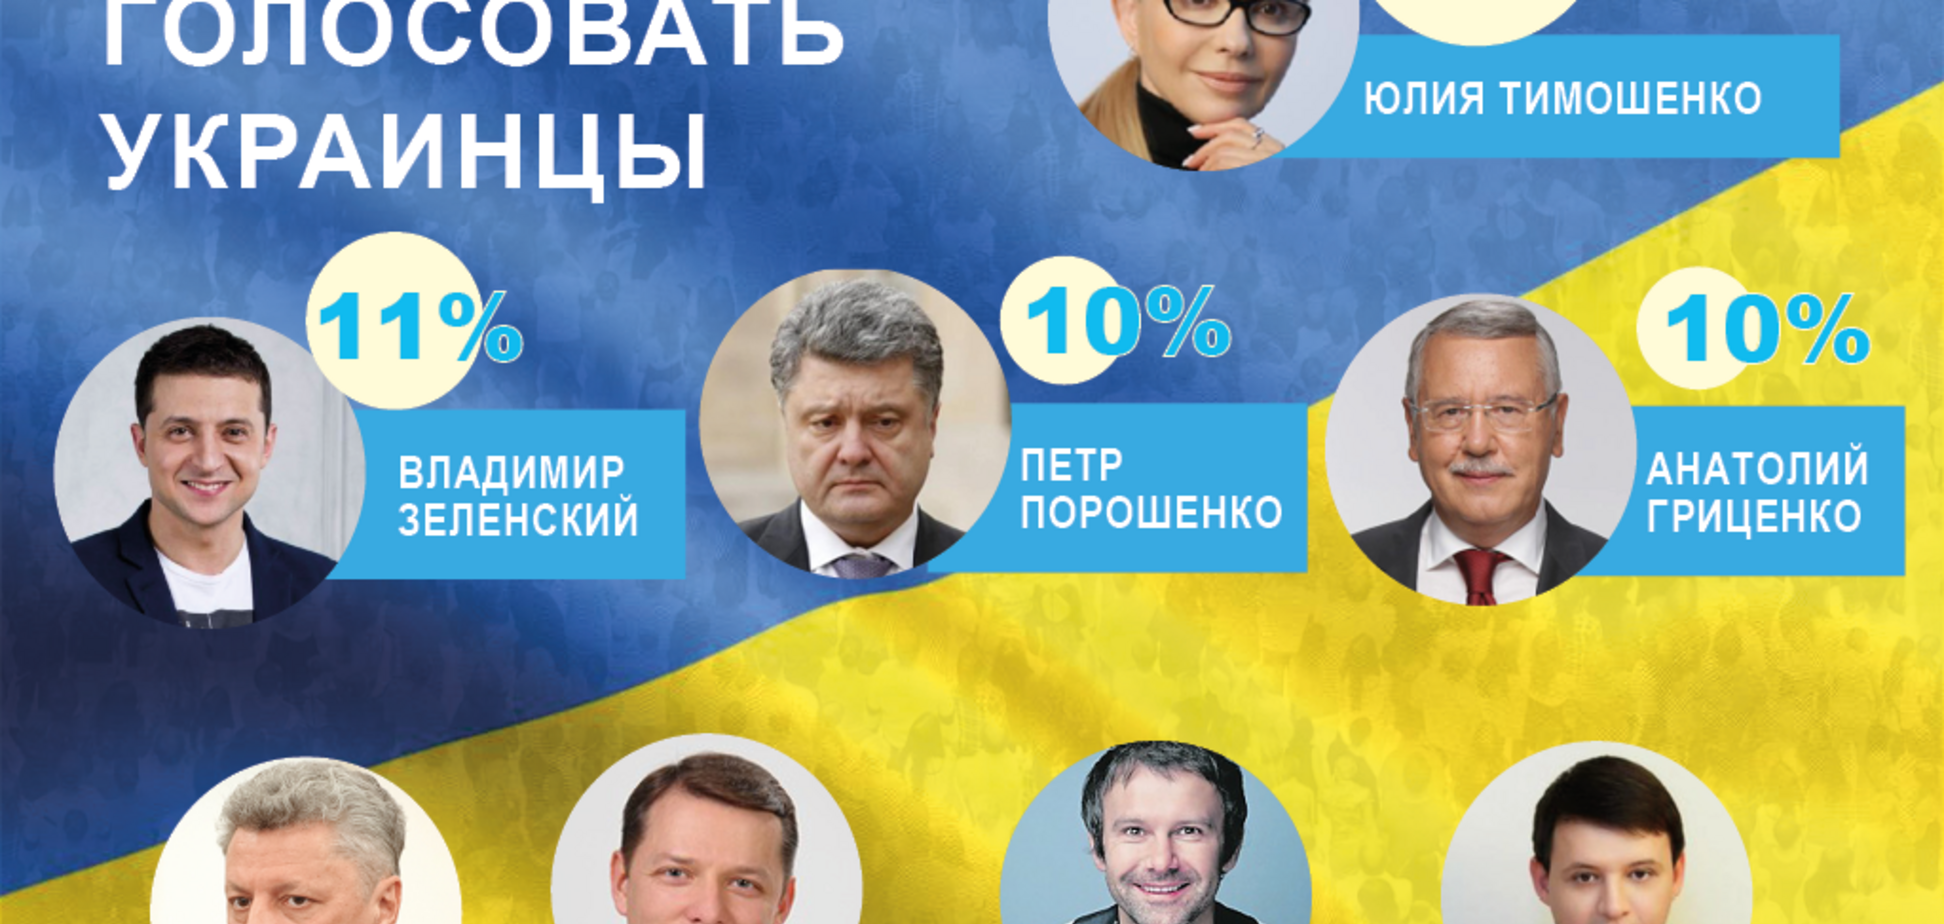 Выборы-2019: названы лидеры президентского рейтинга